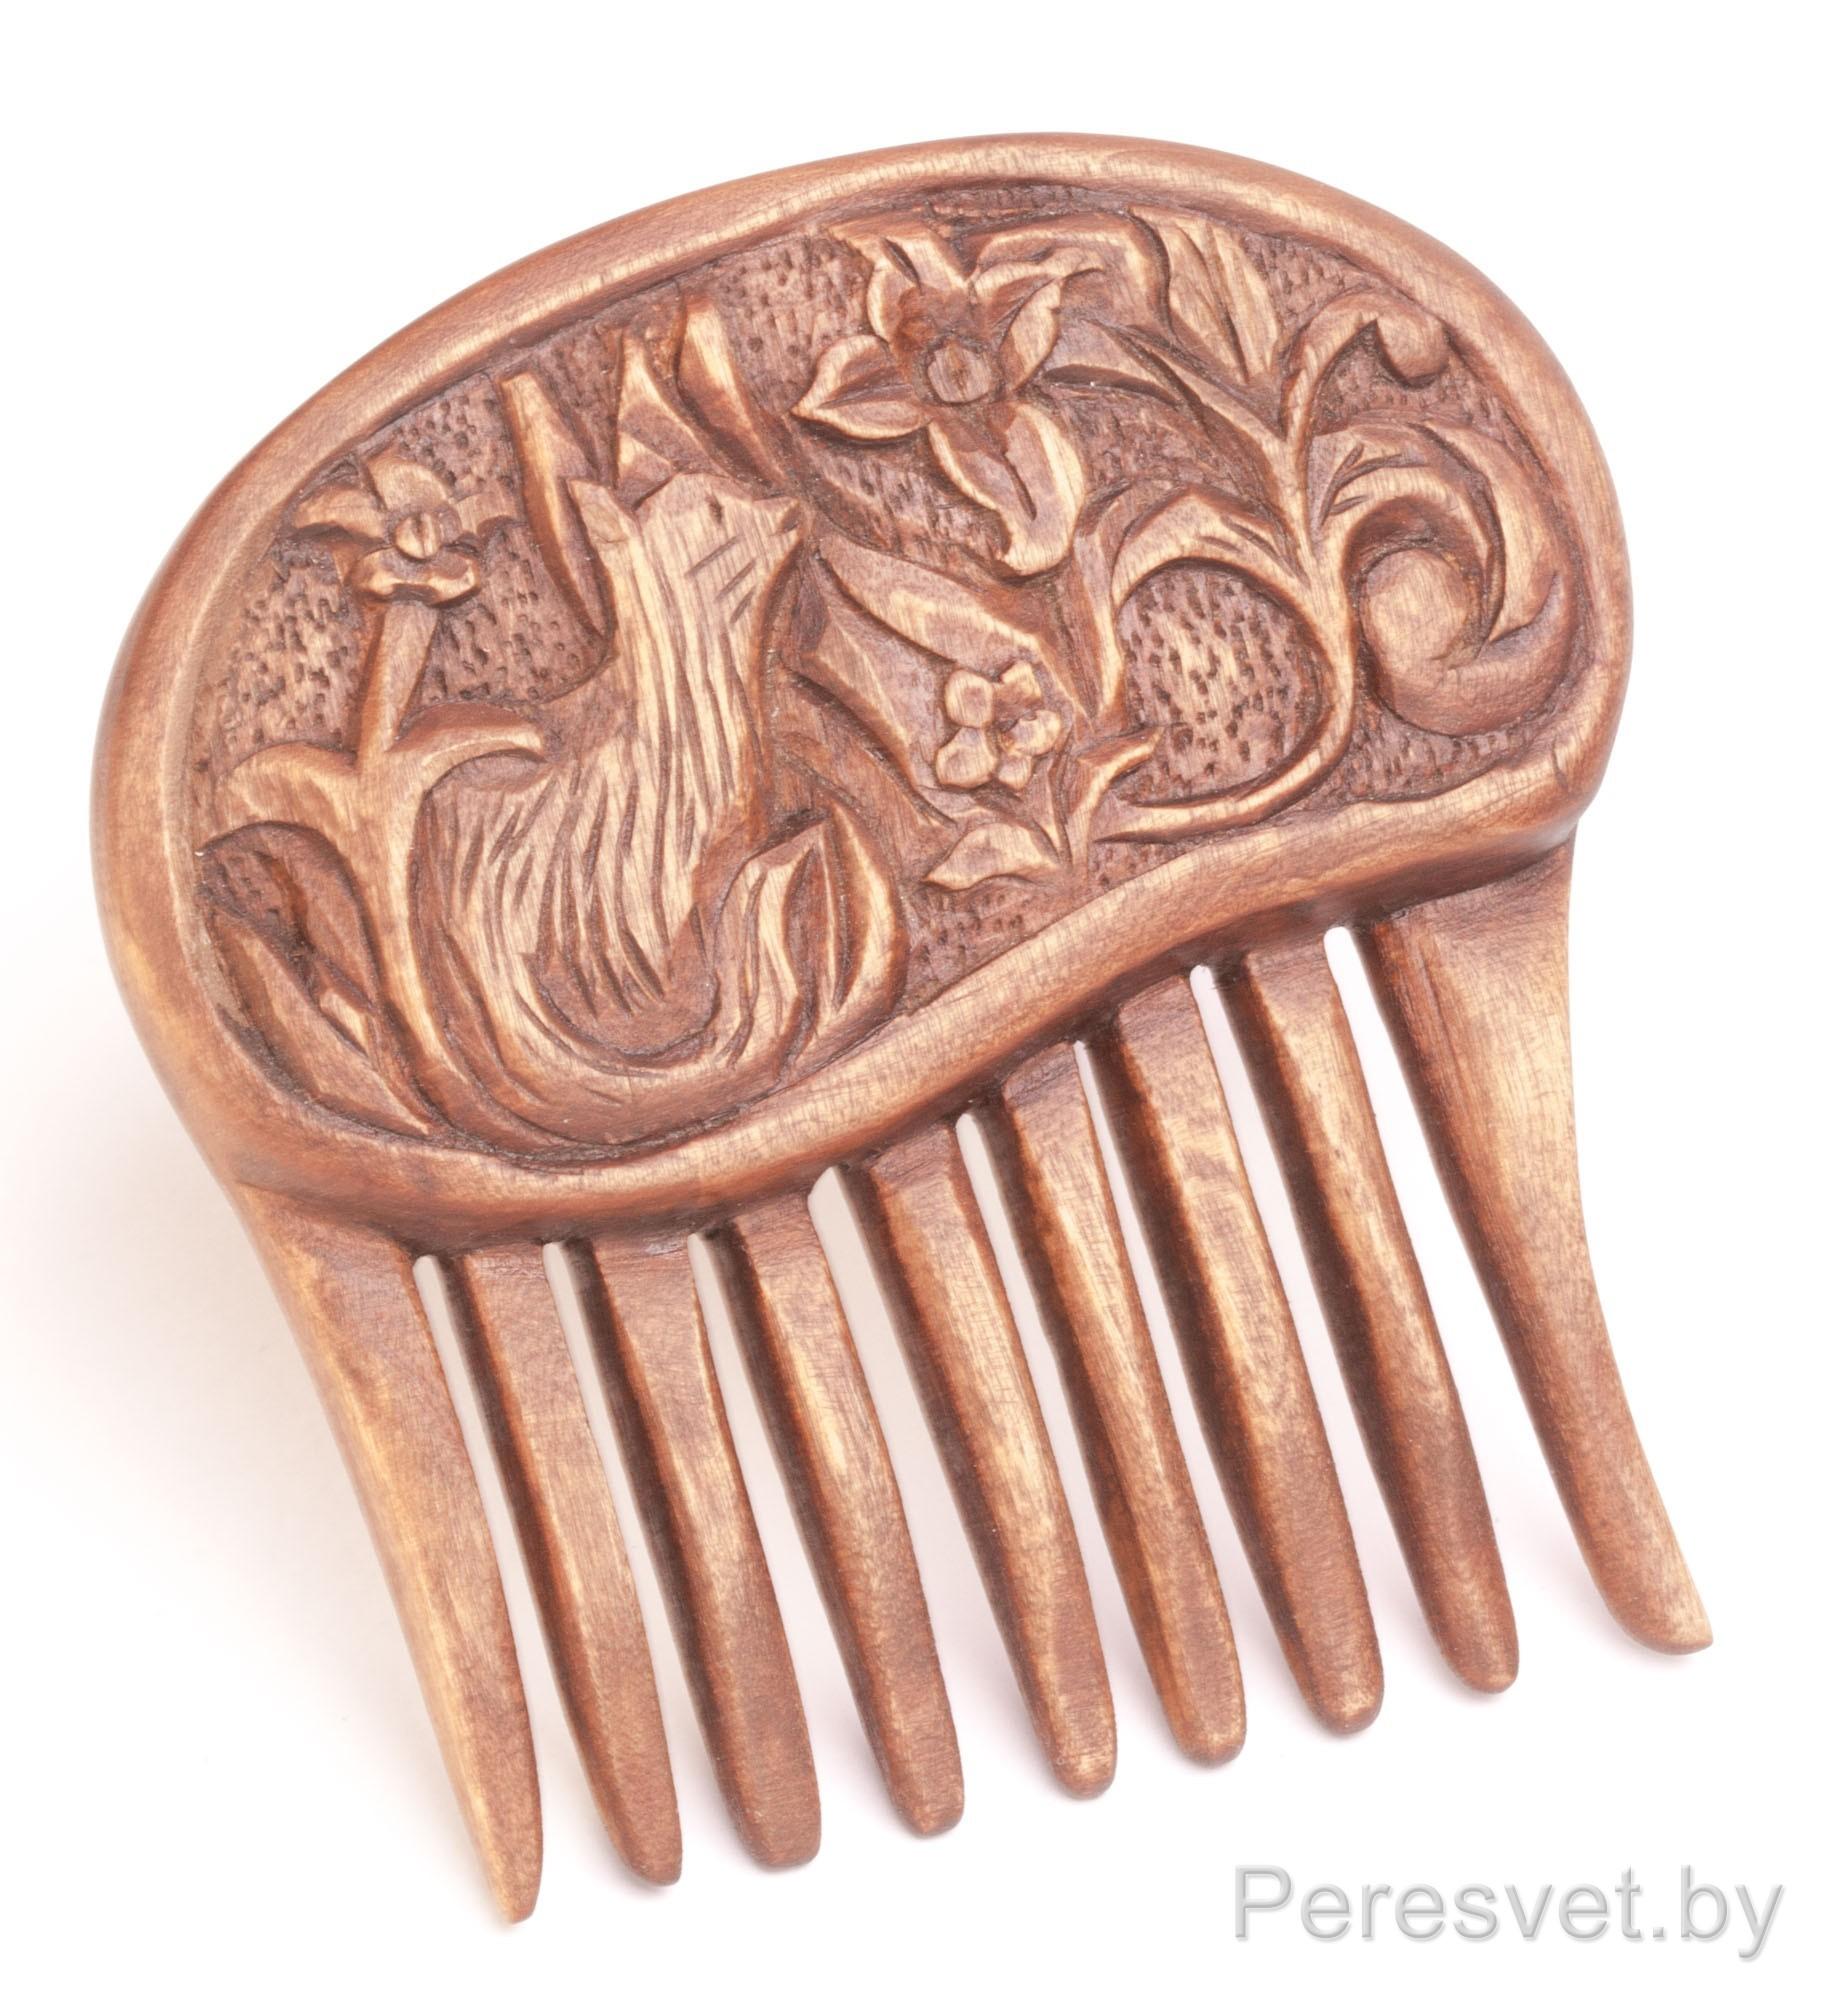 Гребни для волос деревянные женские ручной работы на peresvet.by